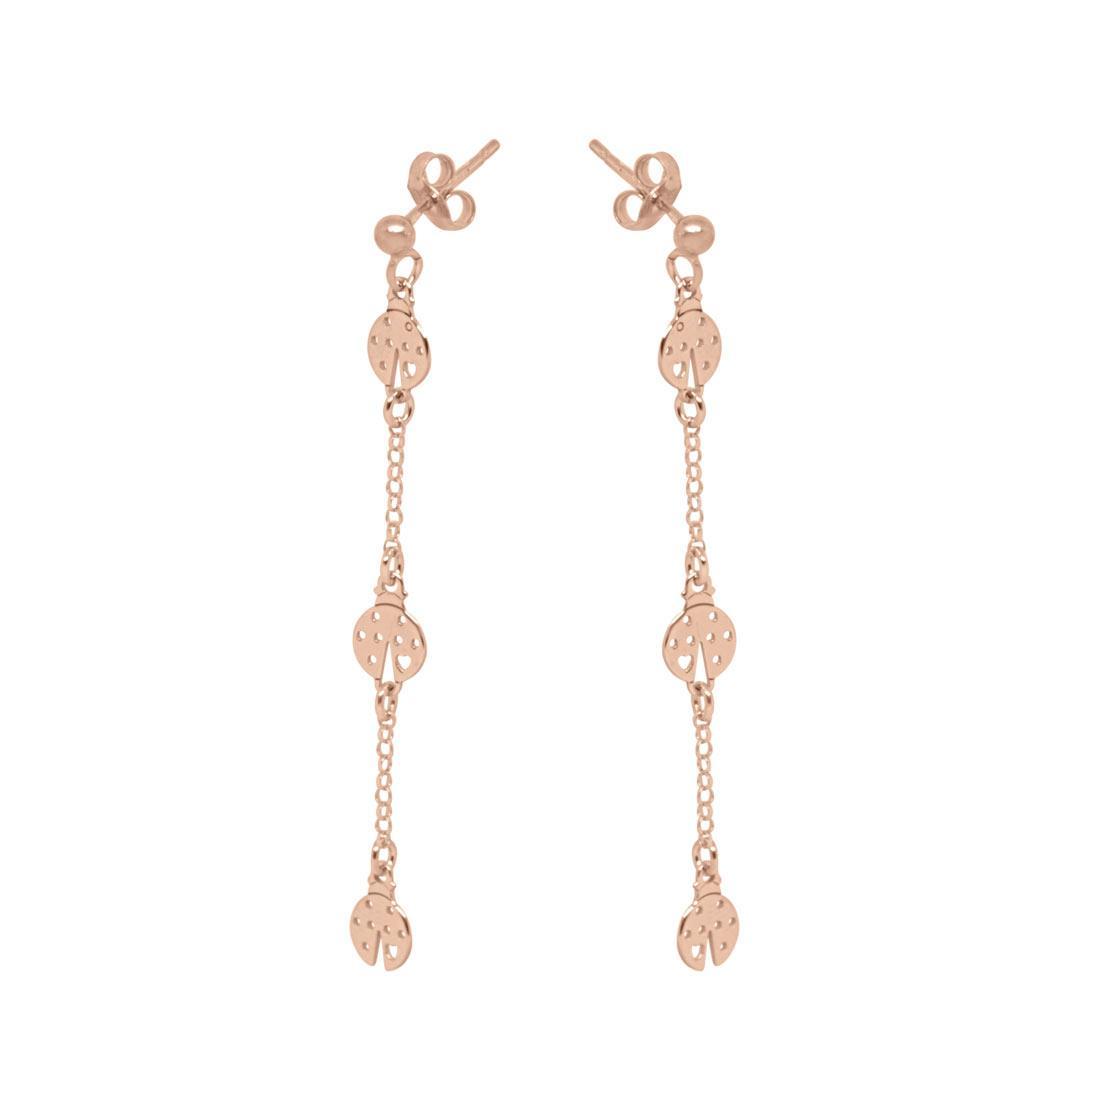 Orecchini pendenti in argento rosato con coccinelle - ORO&CO 925